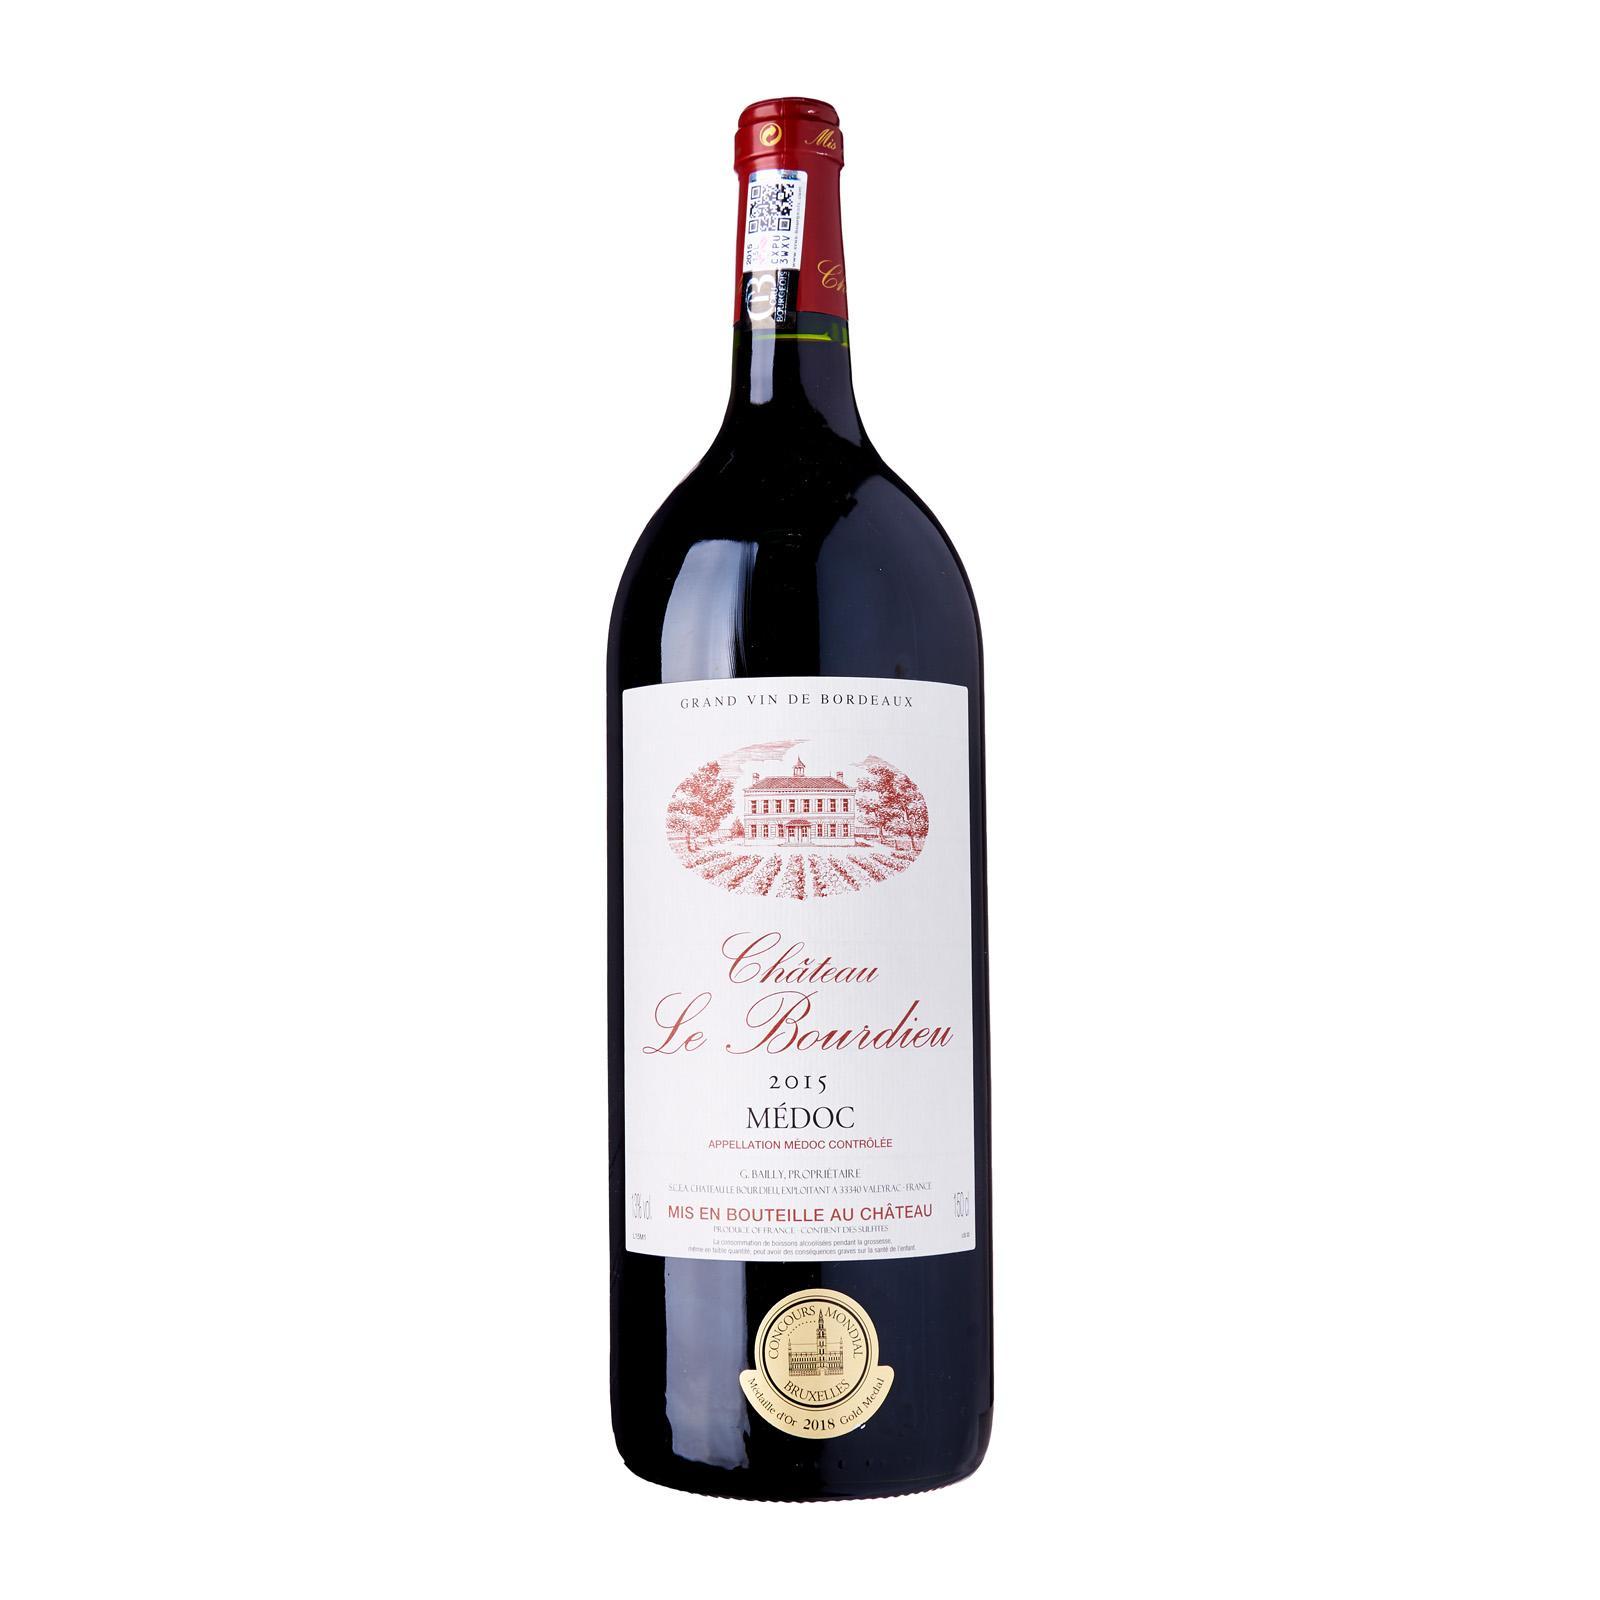 Chateau le Bourdieu Bordeaux Medoc Cru Bourgeois Magnum